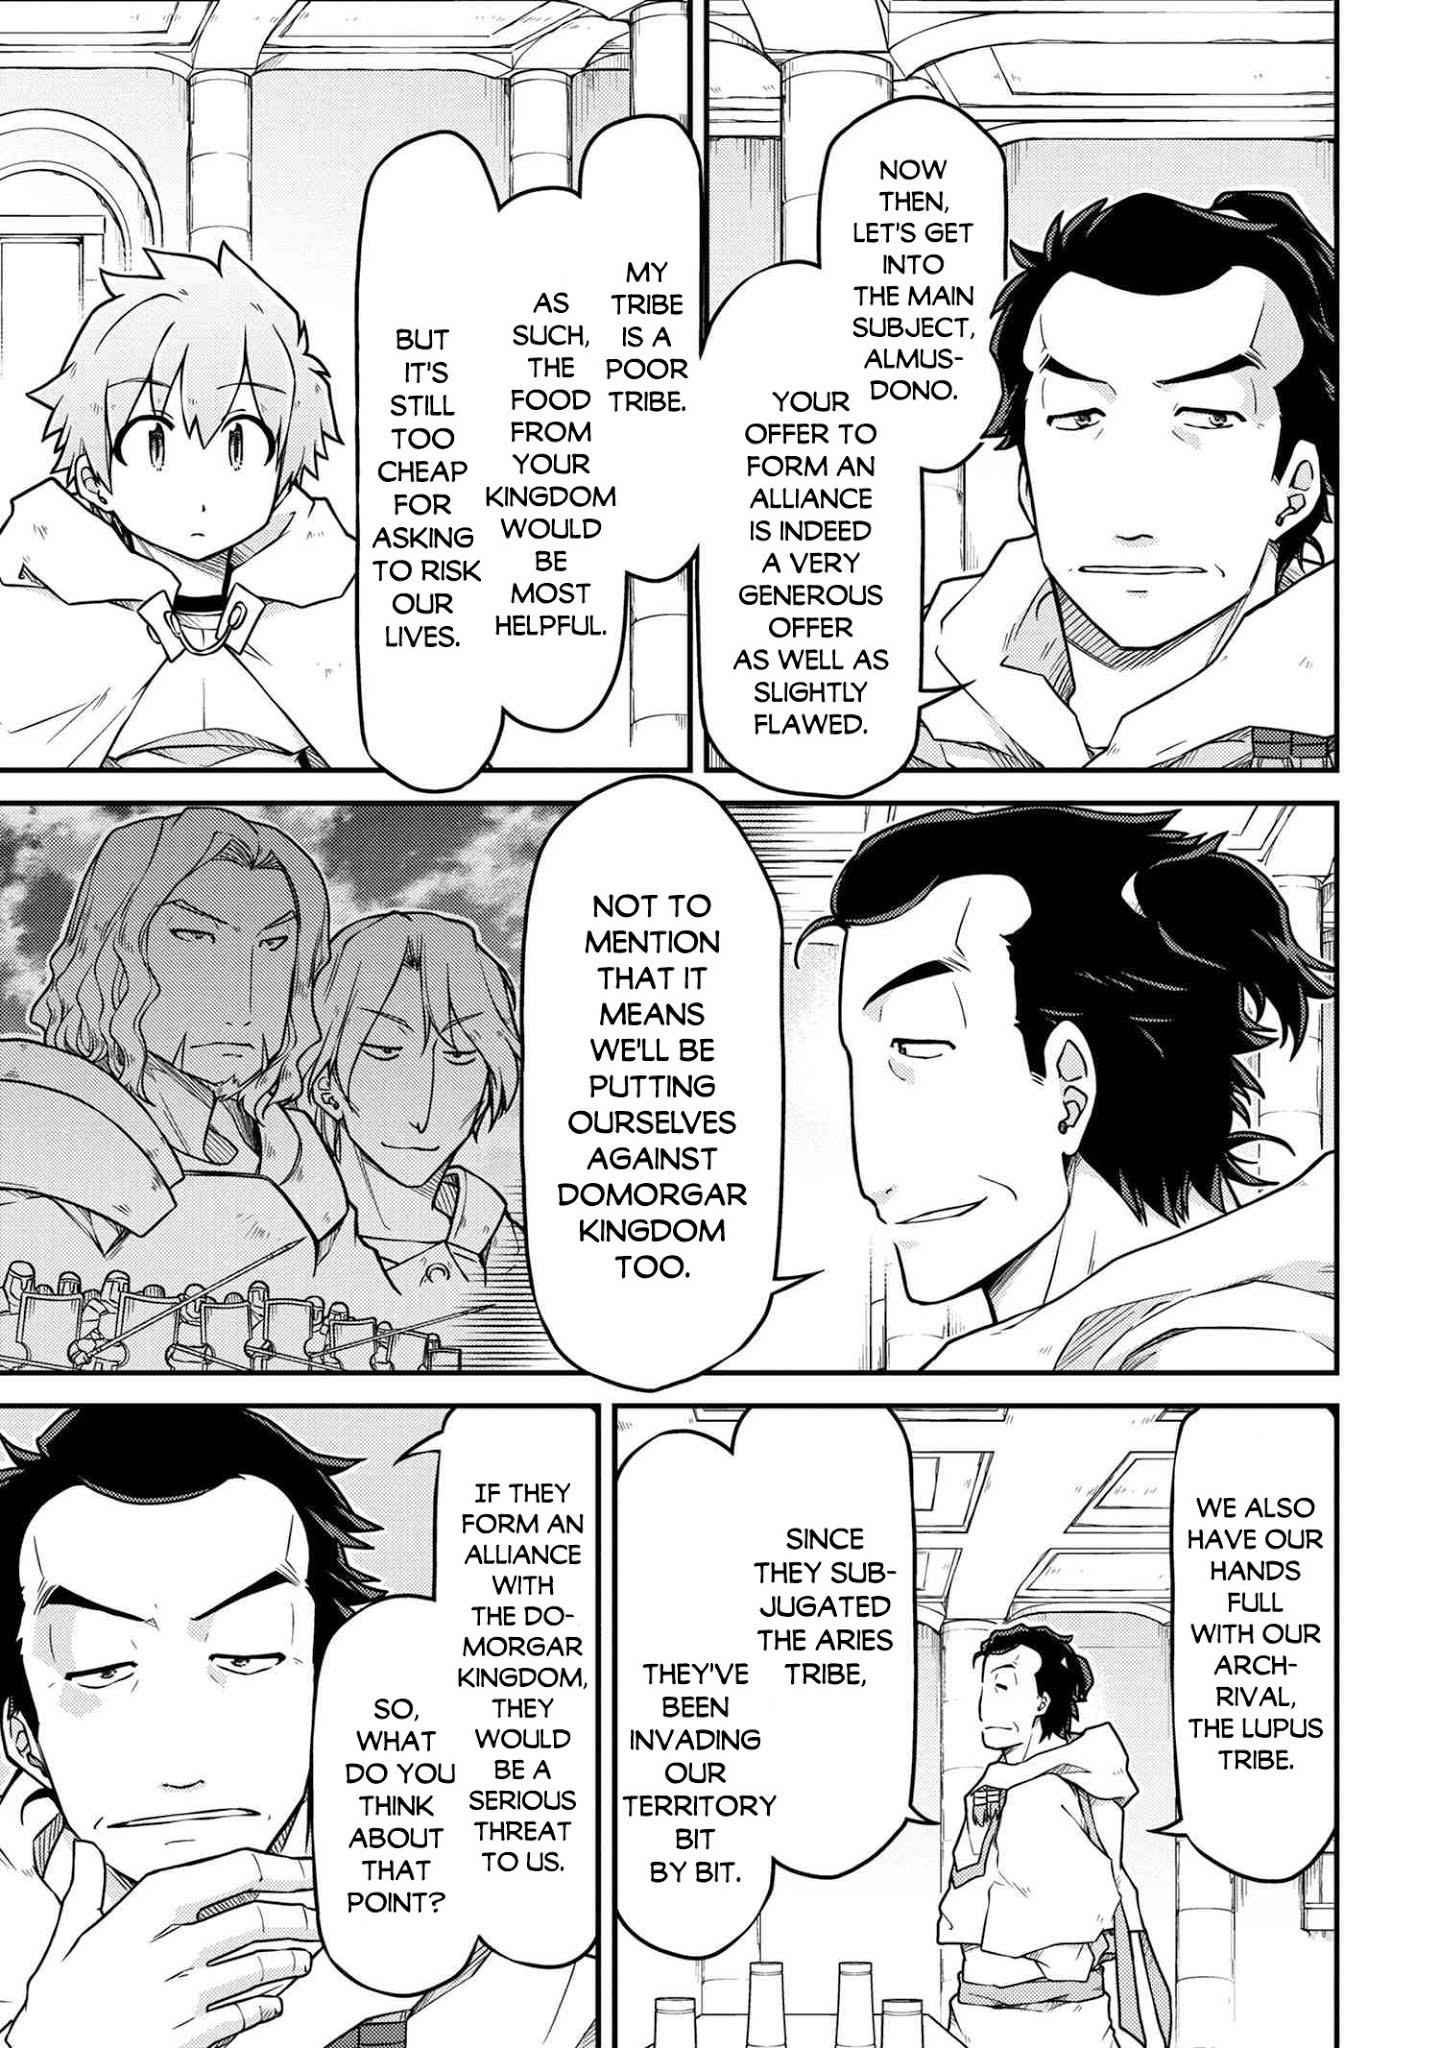 Isekai Kenkokuki - chapter 47.1-eng-li